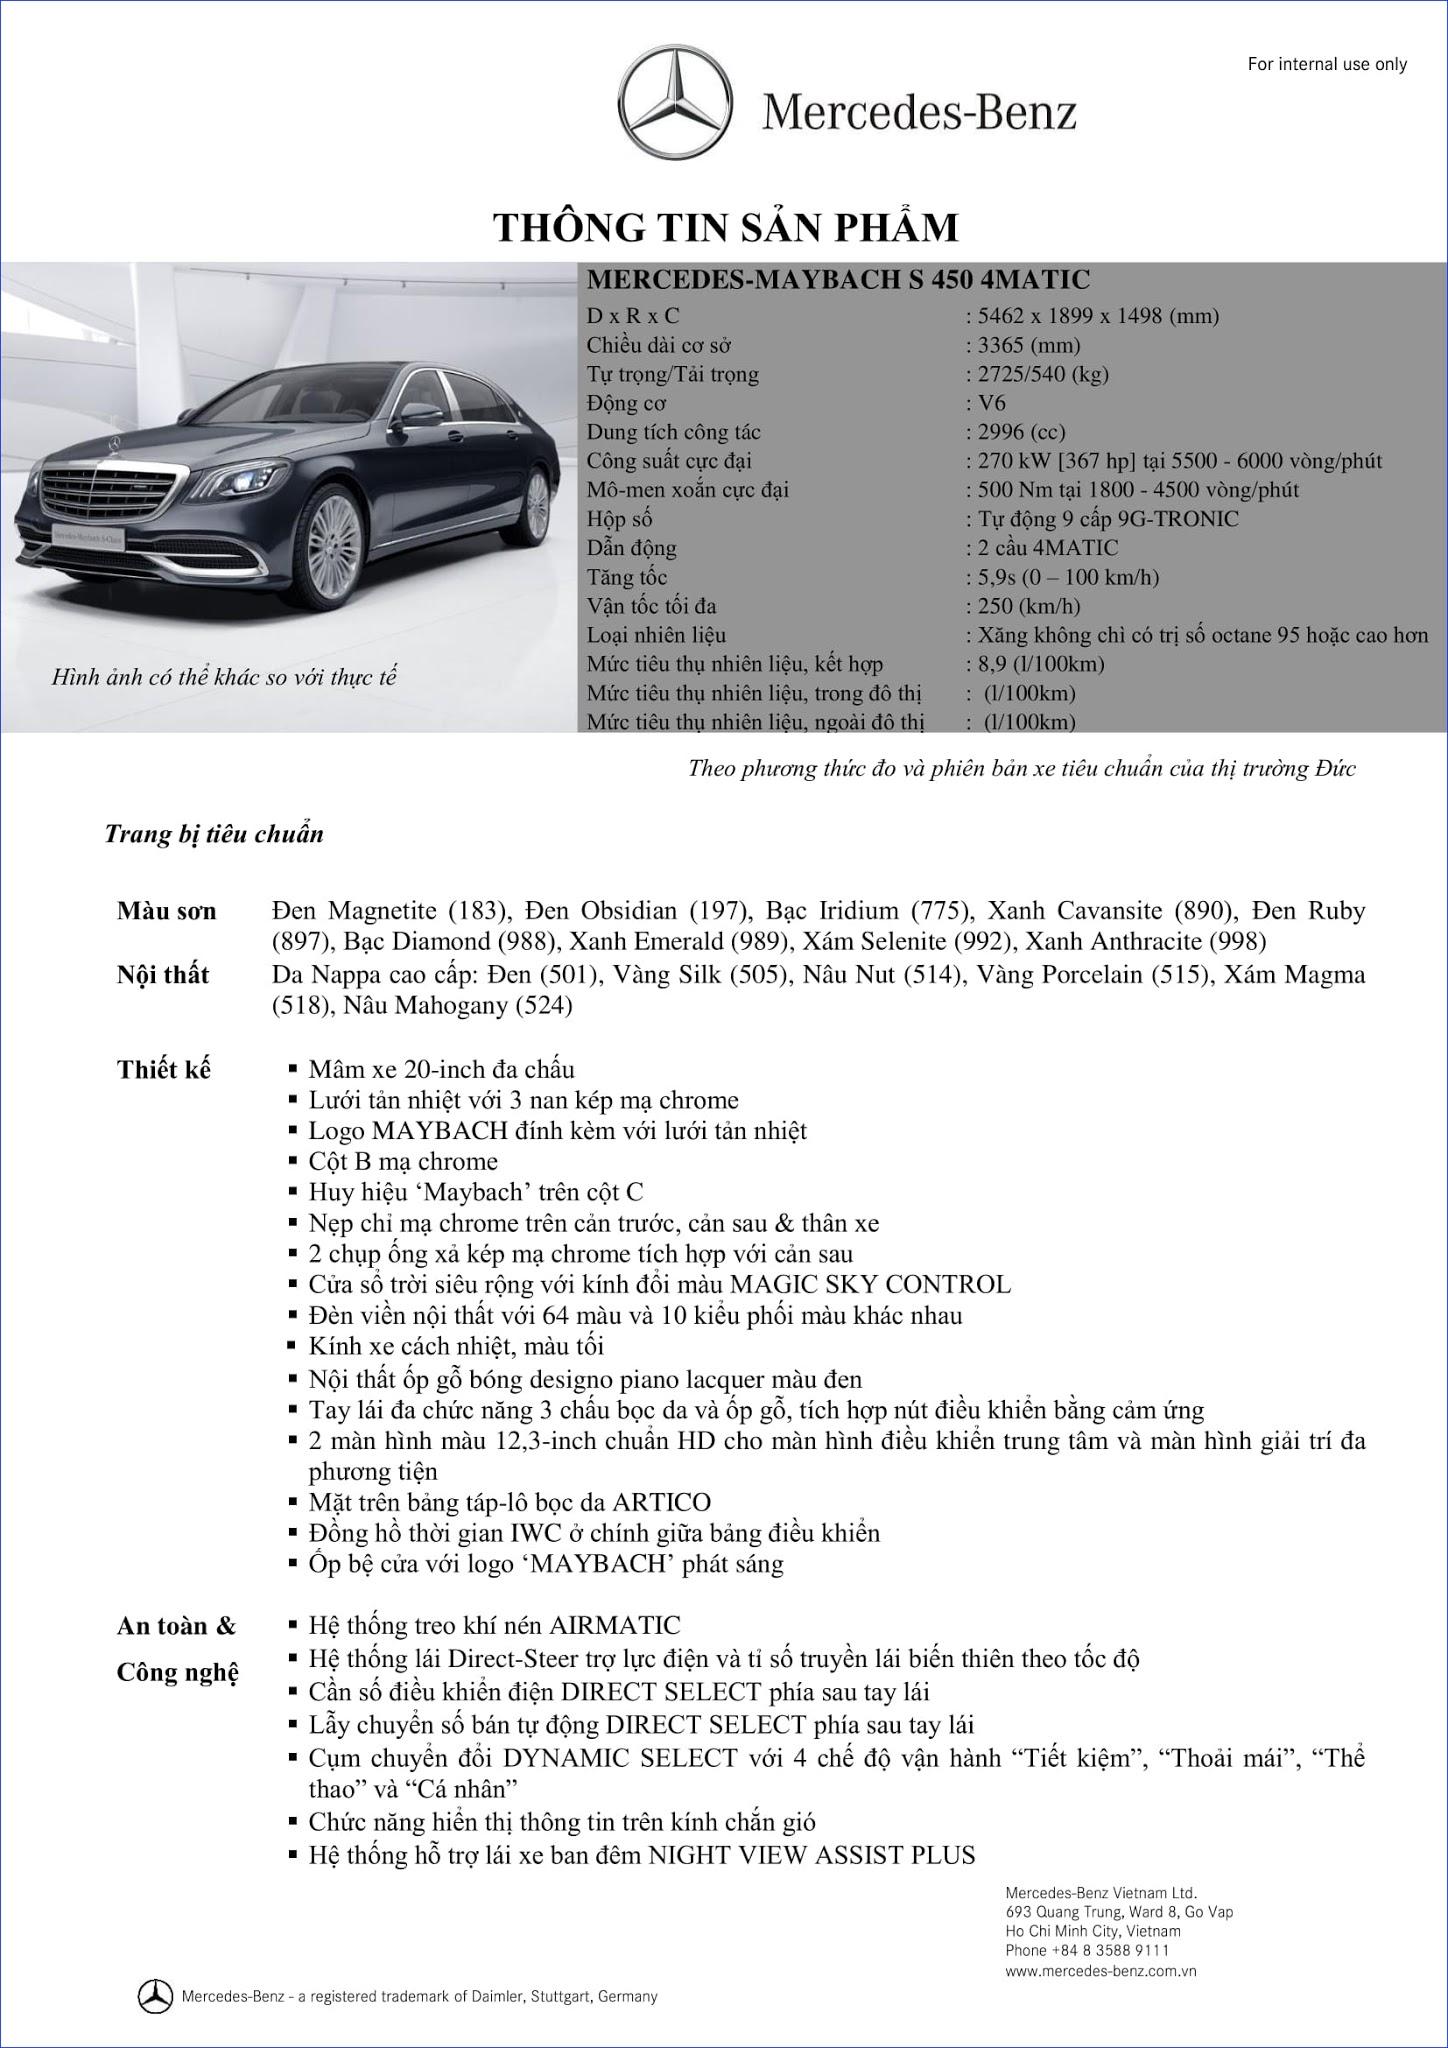 Bảng thông số kỹ thuật Mercedes Maybach S450 4MATIC 2019 tại Mercedes Trường Chinh